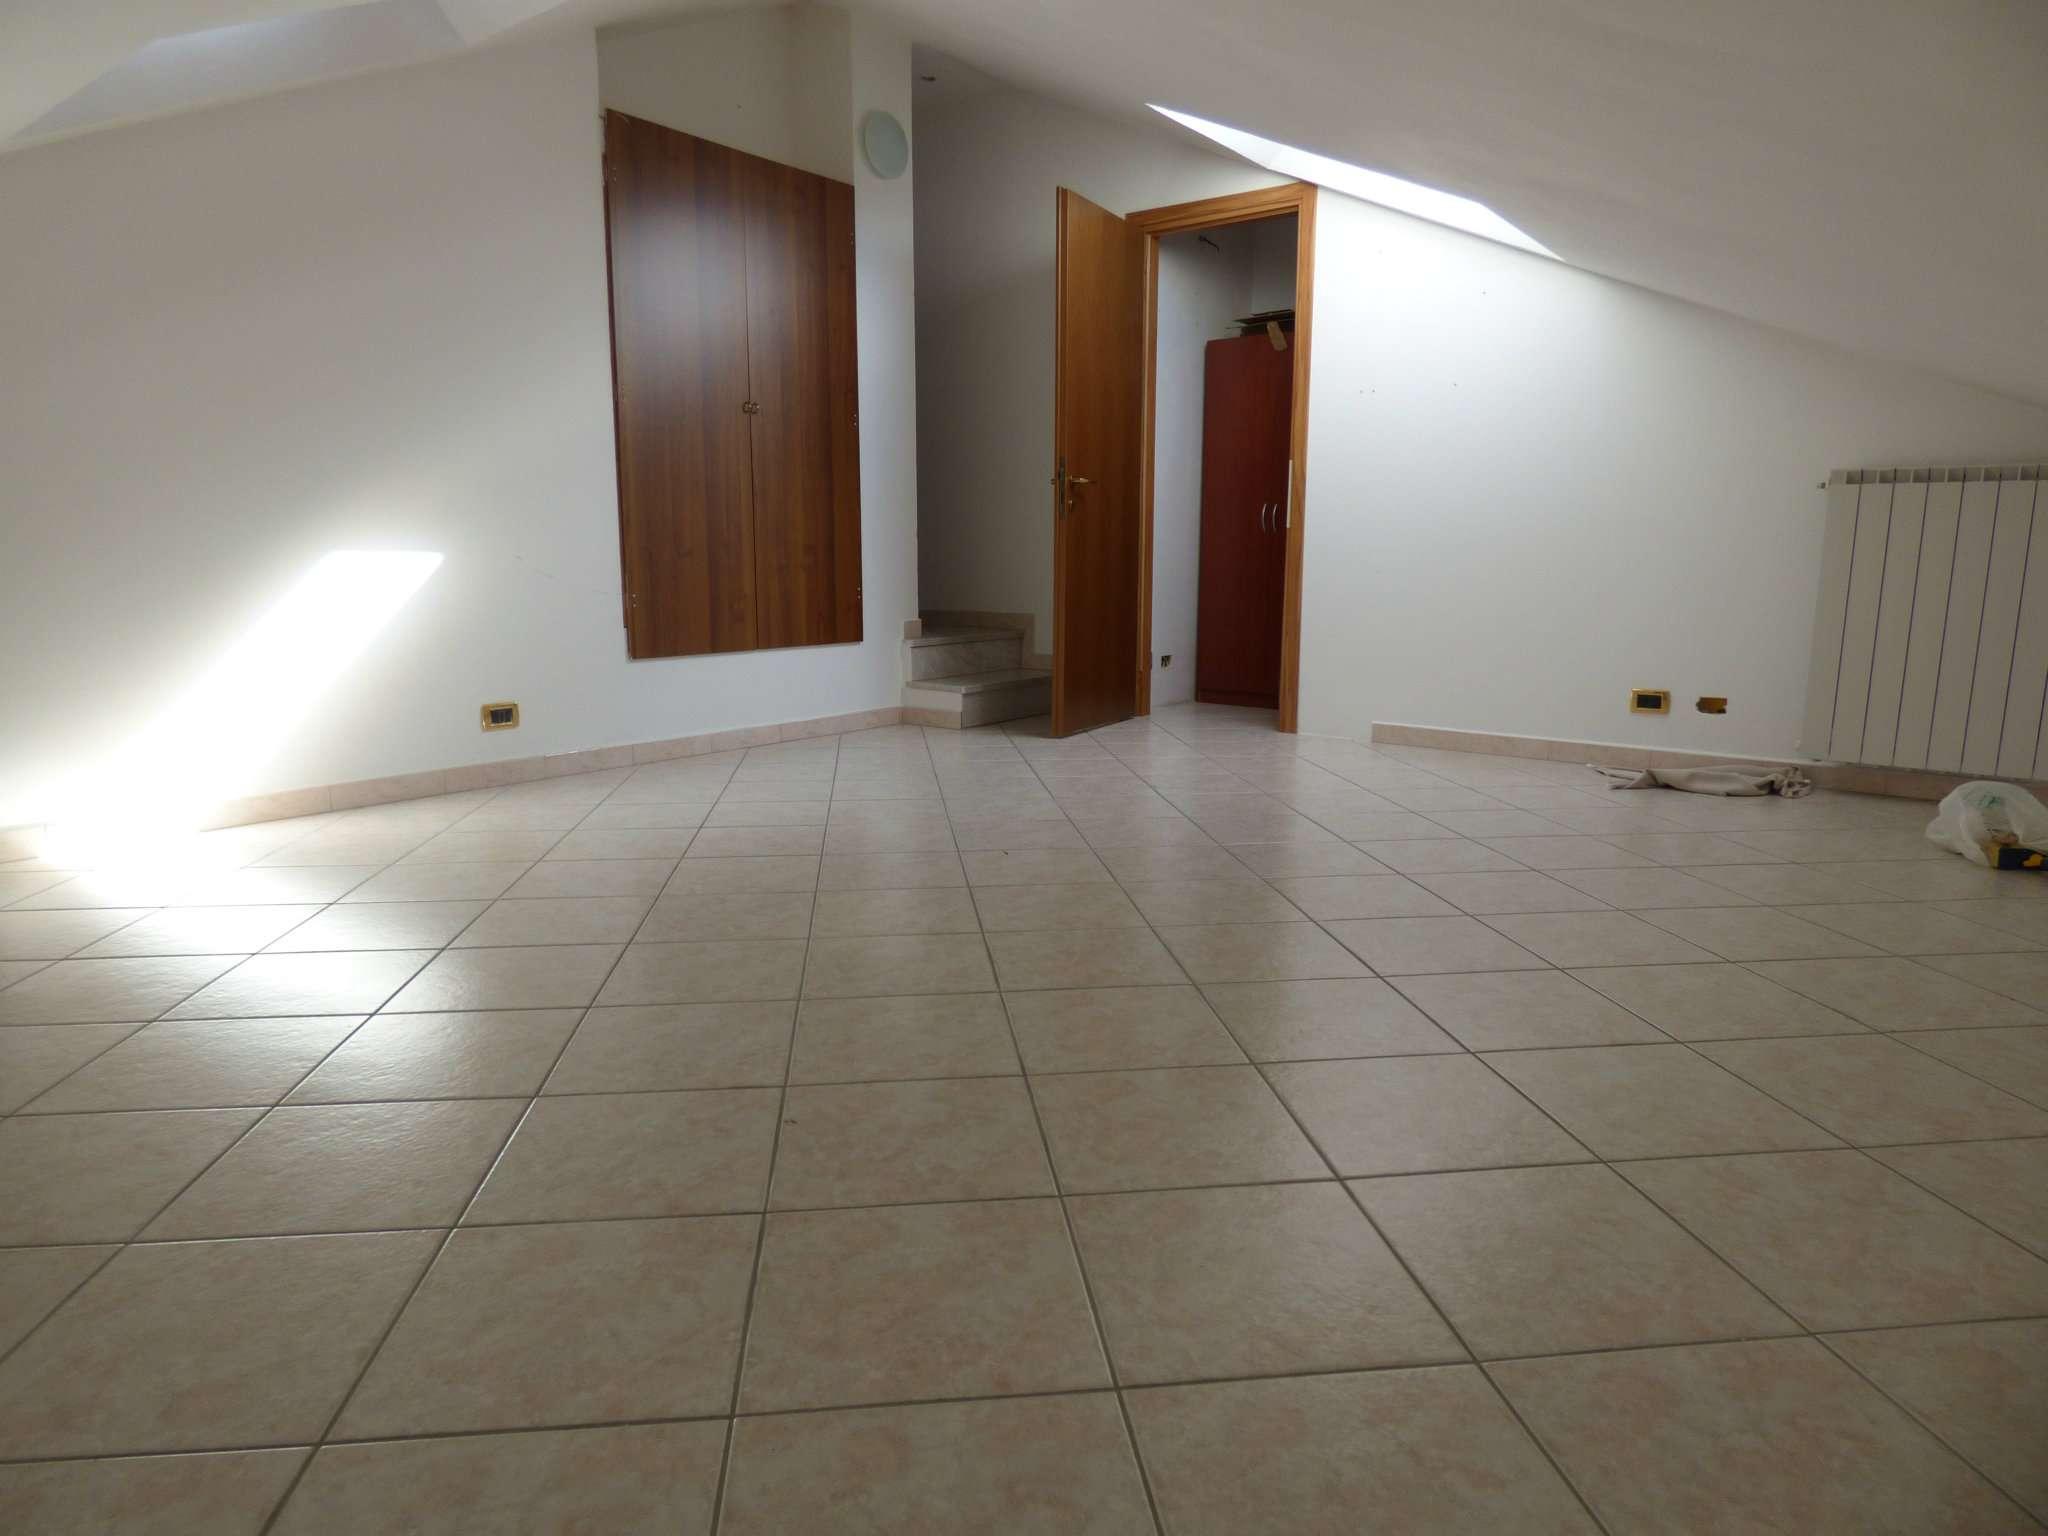 Appartamento in vendita a Borgaro Torinese, 2 locali, prezzo € 54.000 | PortaleAgenzieImmobiliari.it